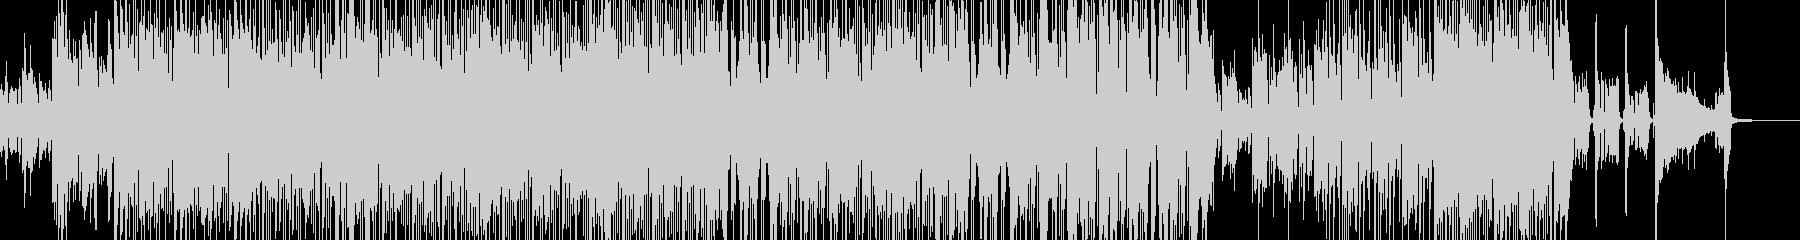 賑やかでホコ天テイストなスカの未再生の波形